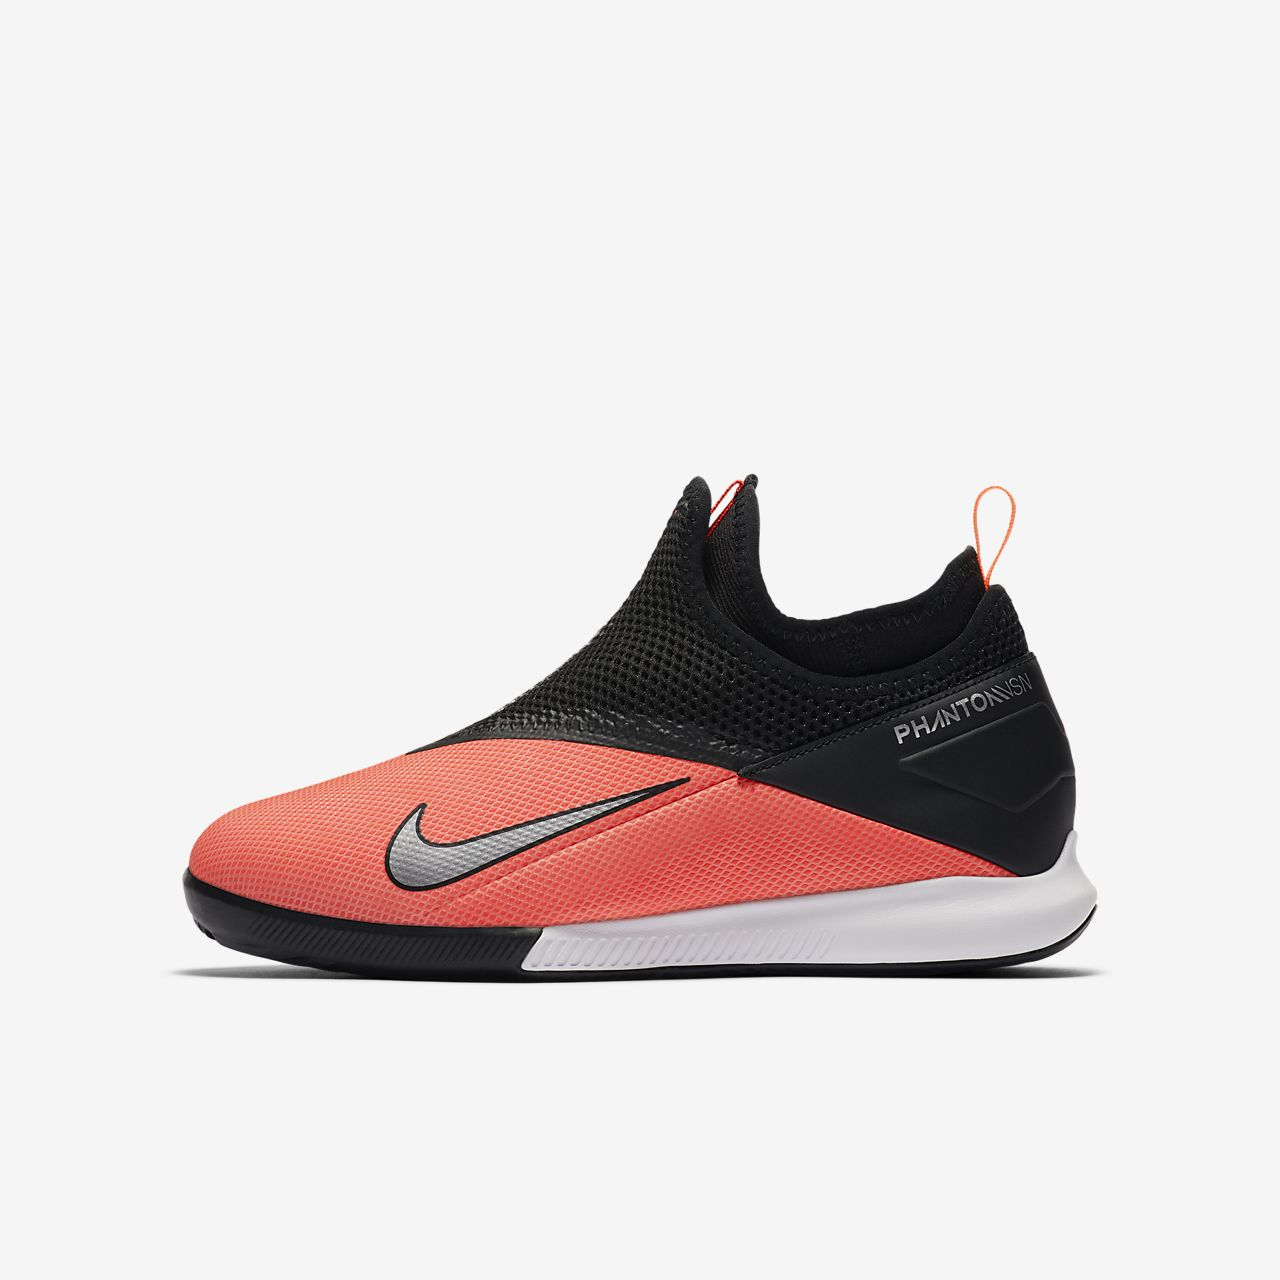 Chaussure de football en salle Nike Jr. Phantom Vision 2 Academy Dynamic Fit pour Jeune enfantEnfant plus âgé